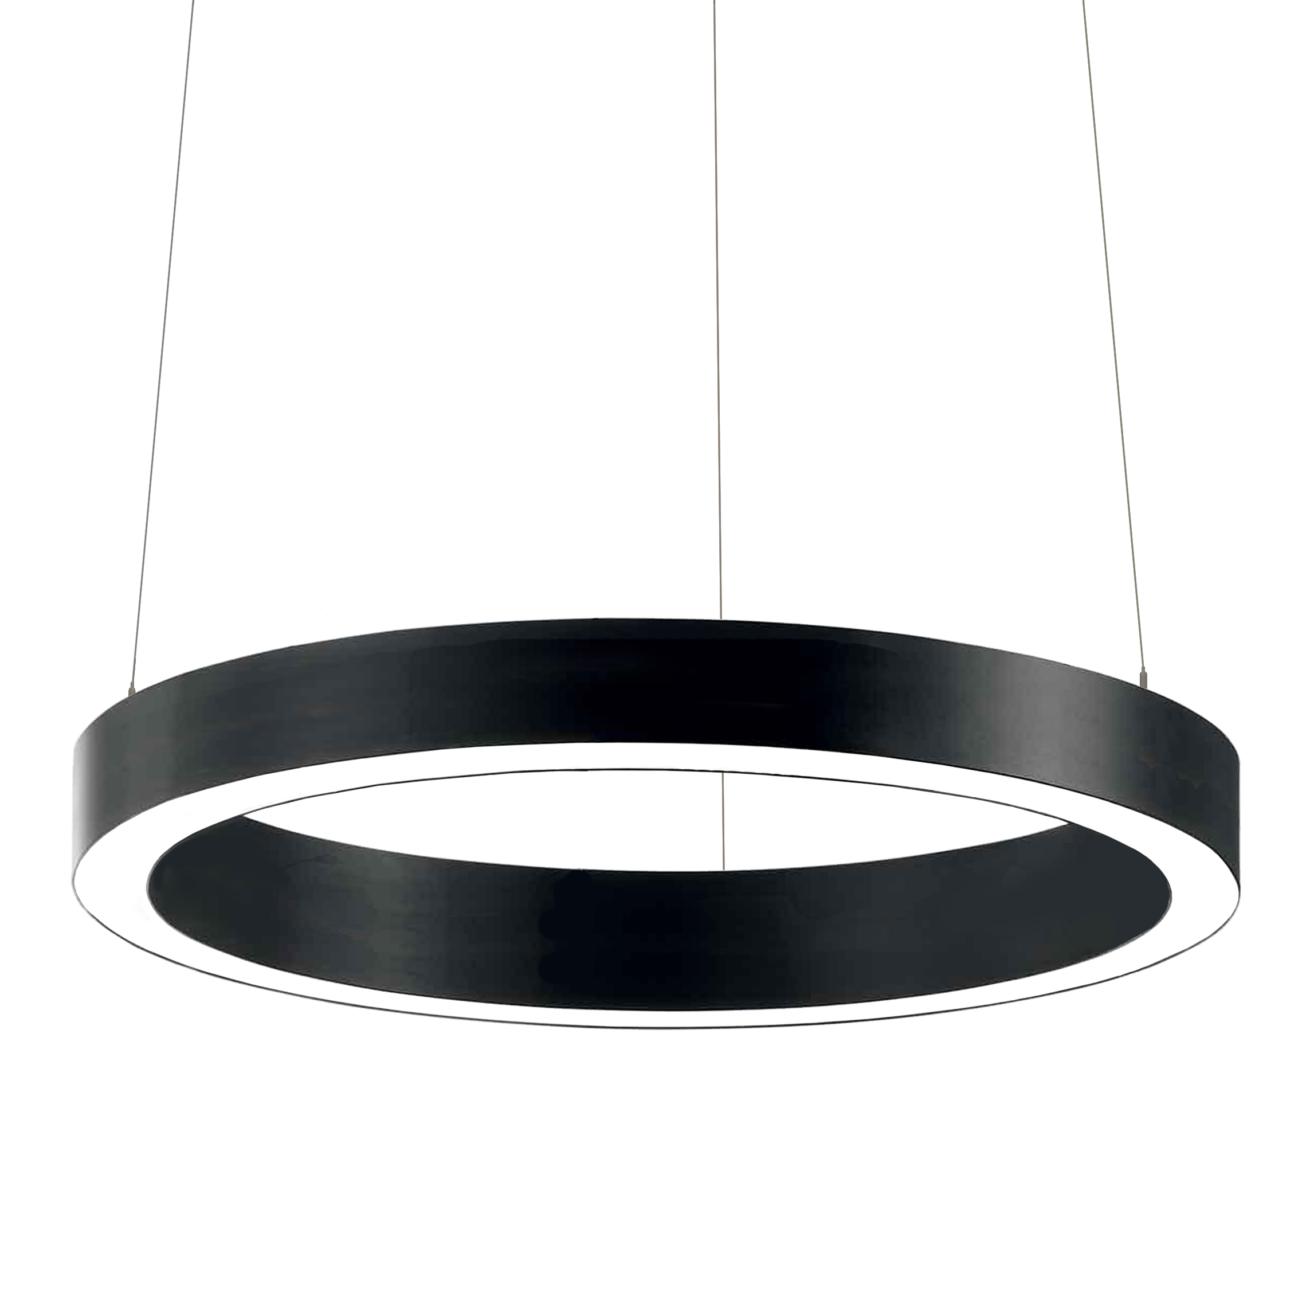 Светильник Ring 5060-1200мм. 4000К/3000К. 57W/121W купить во Владимире